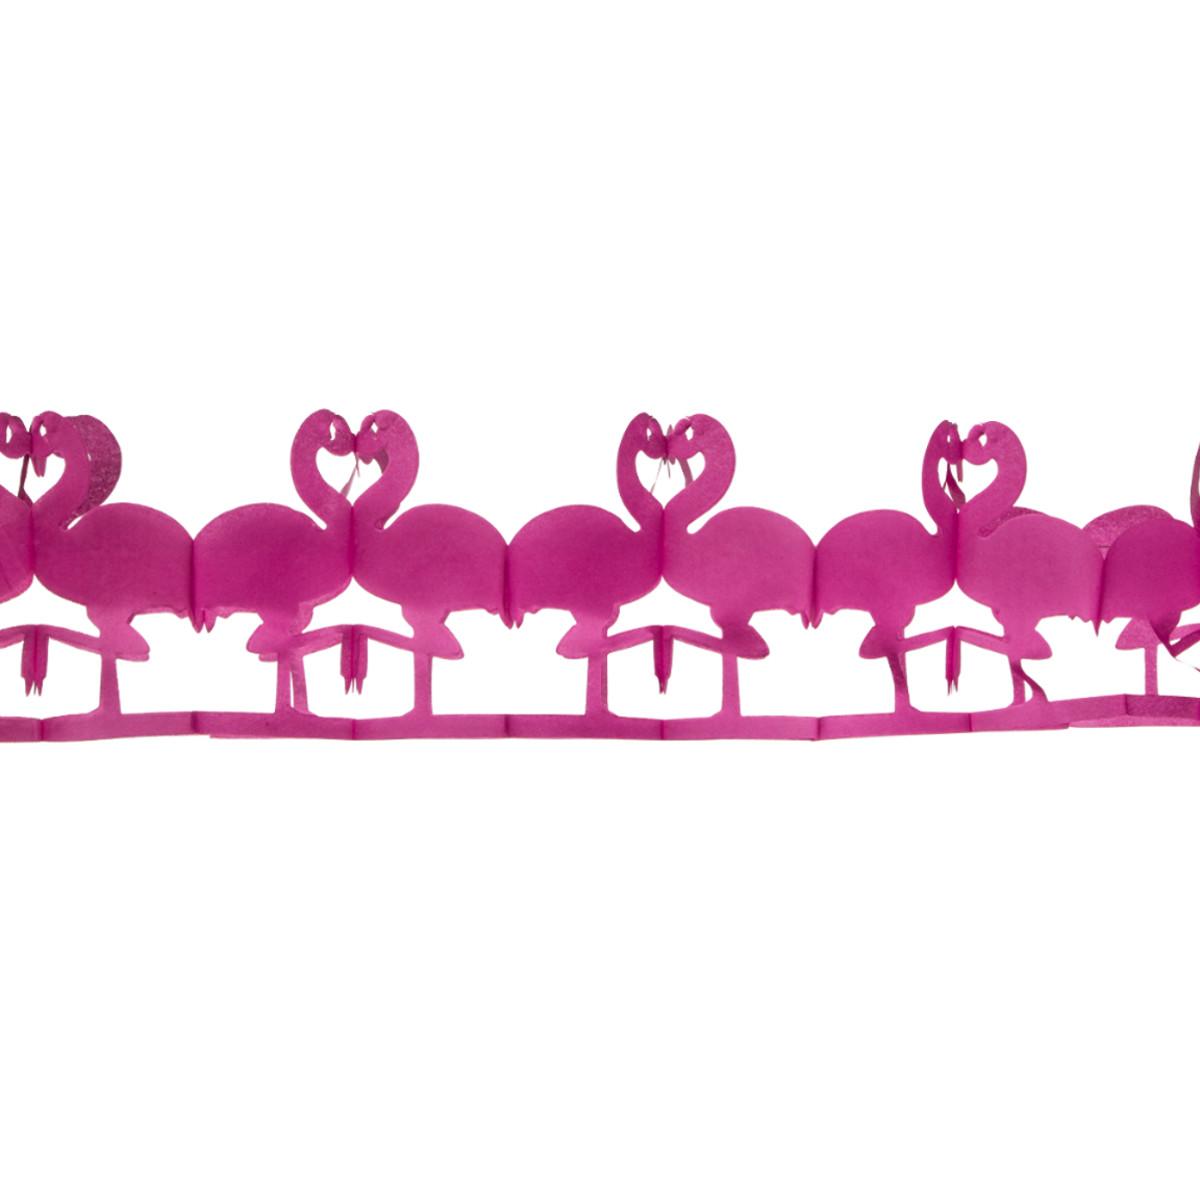 Flamingo papirguirlande